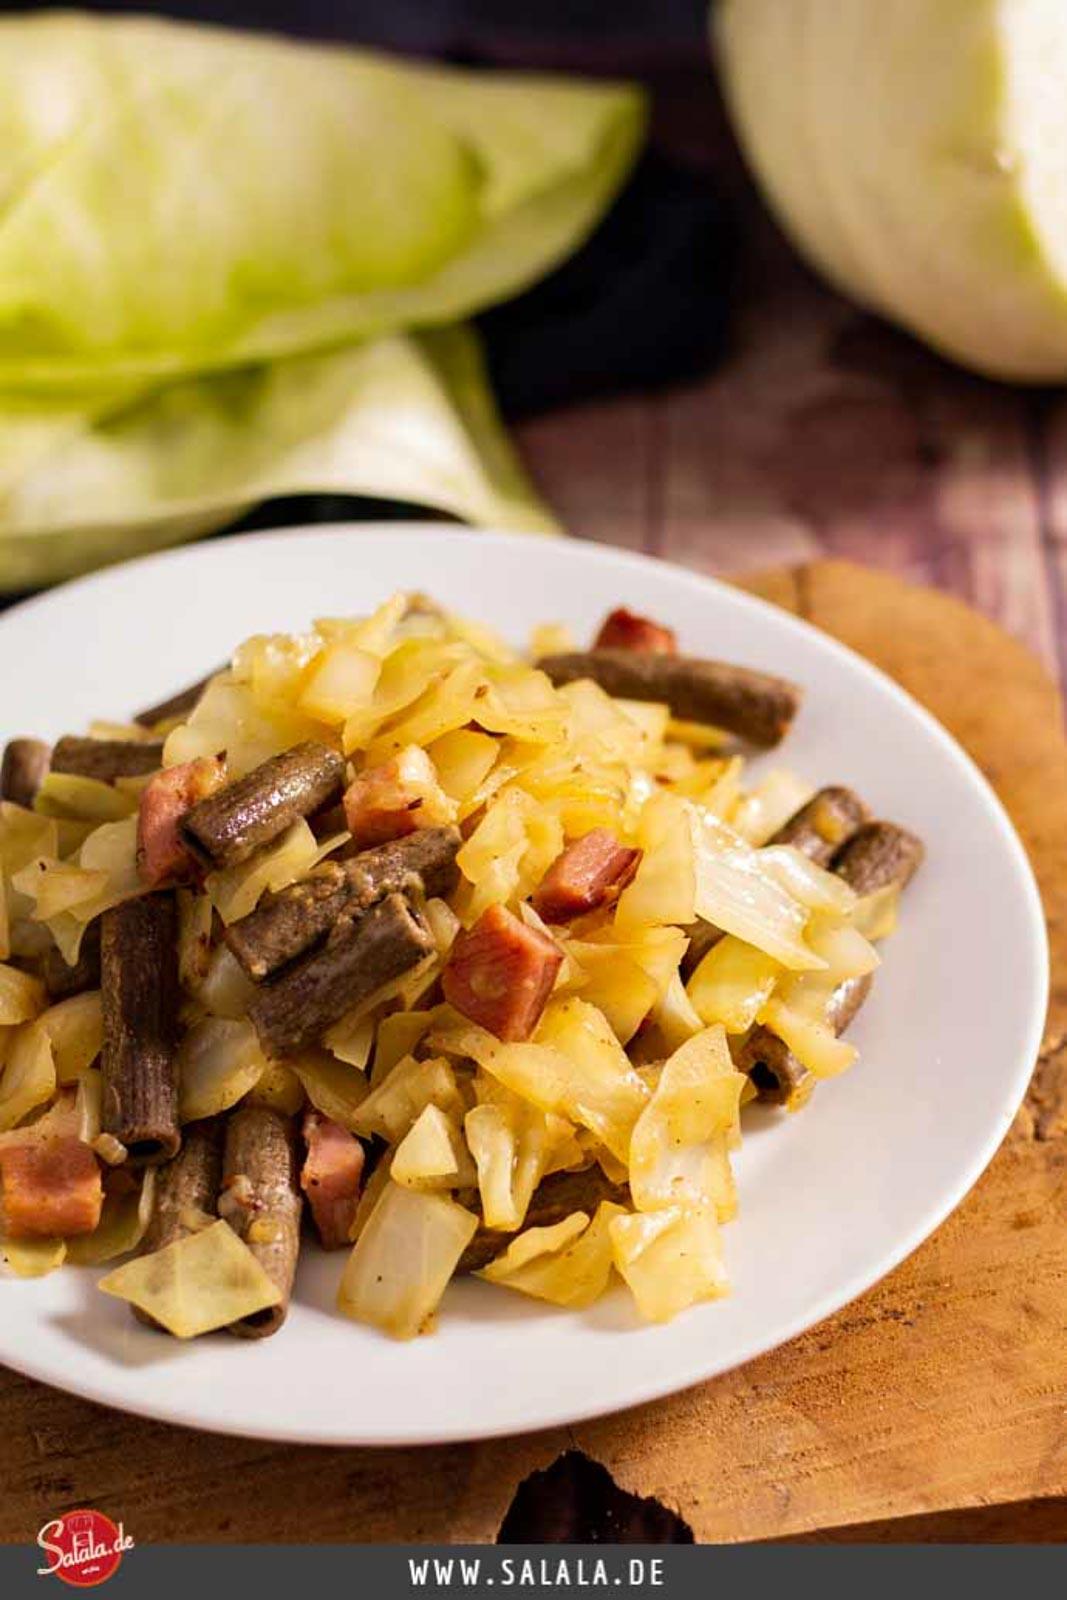 Krautfleckerl Rezept mit Speck - by salala.de - Low Carb und glutenfrei mit Weißkohl